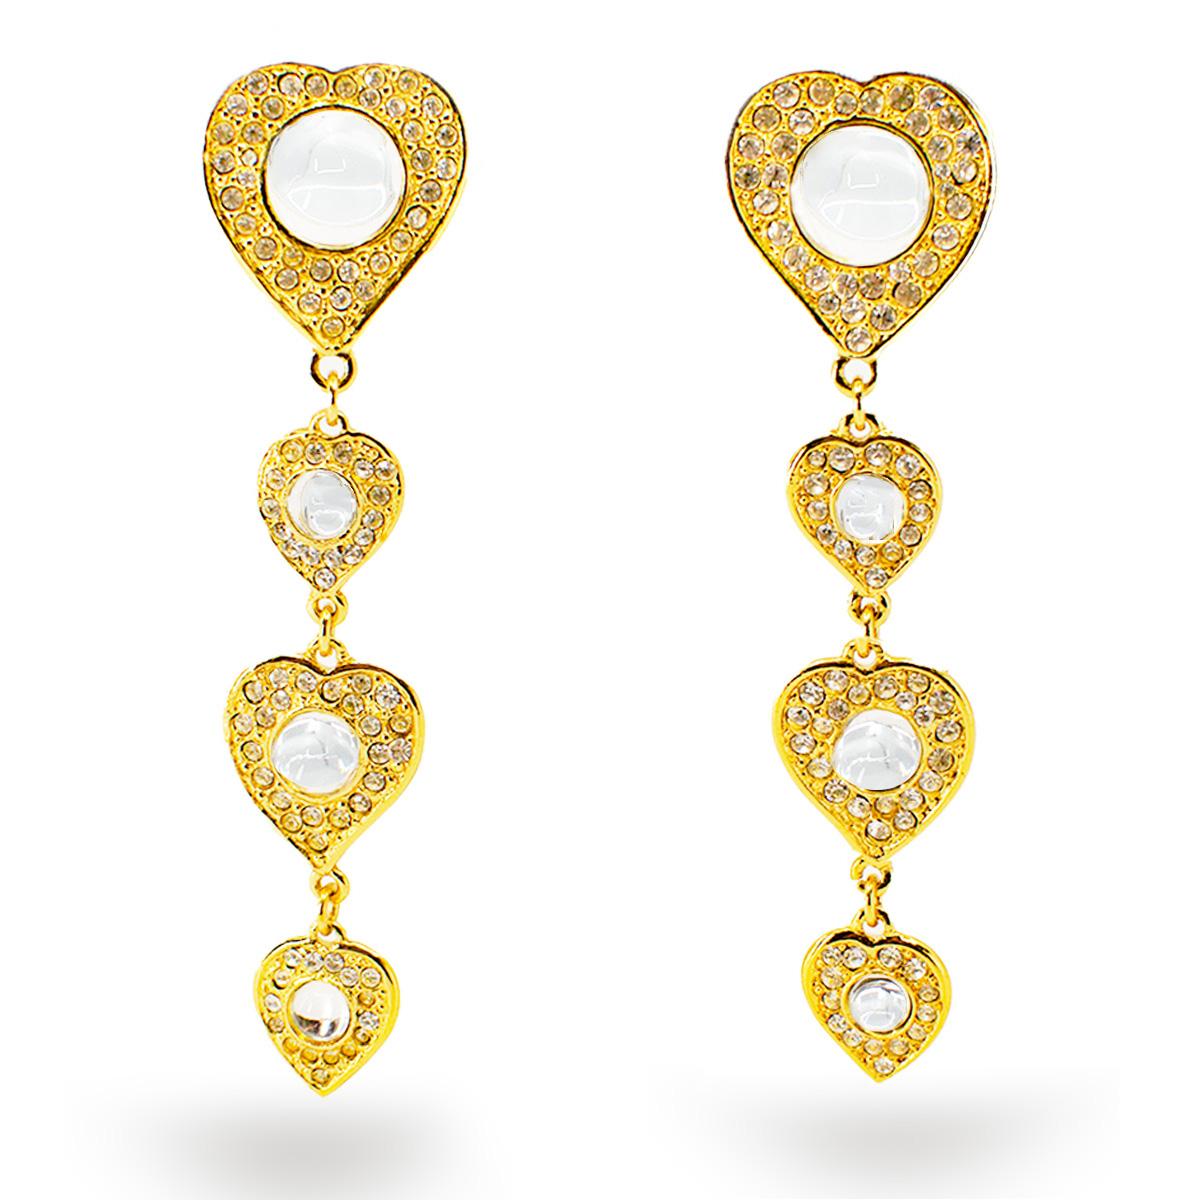 YSL heart earrings